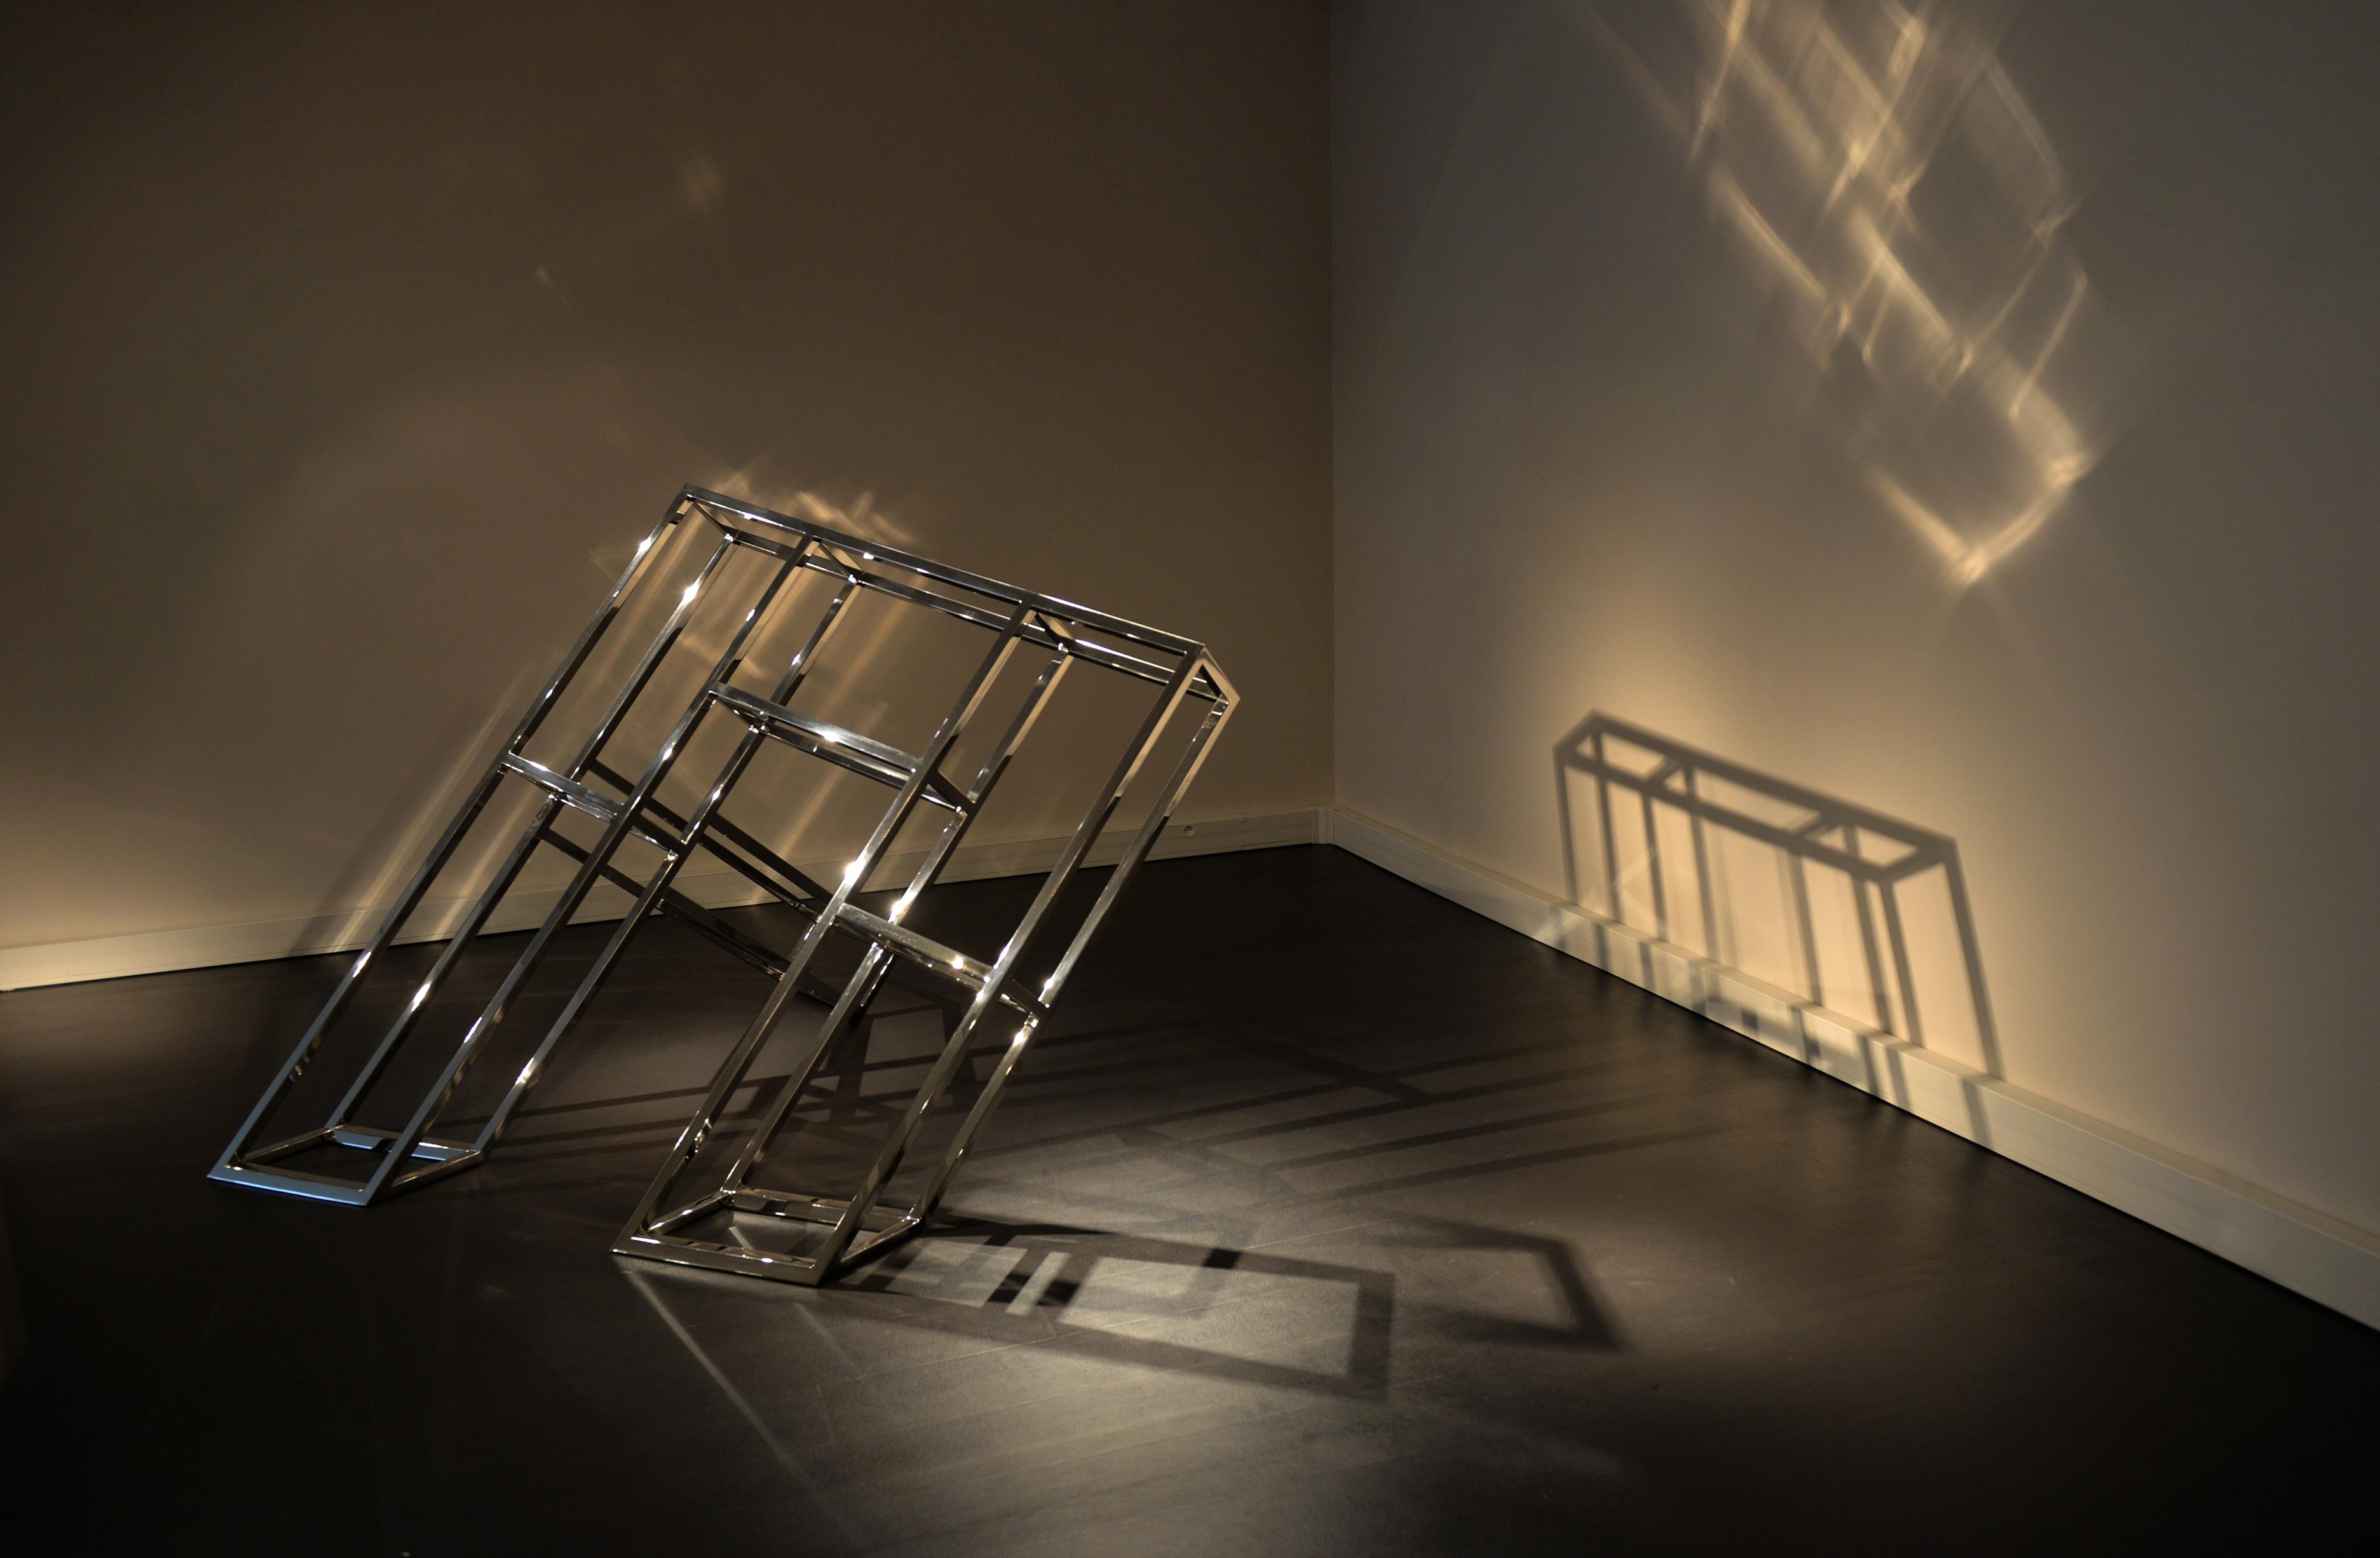 Pierre Marie Lejeune, Maxi Linea Mirror polished stainless steel, L.152 x H.144 x L.175 cm, 2015 Copyright Pierre Marie Lejeune